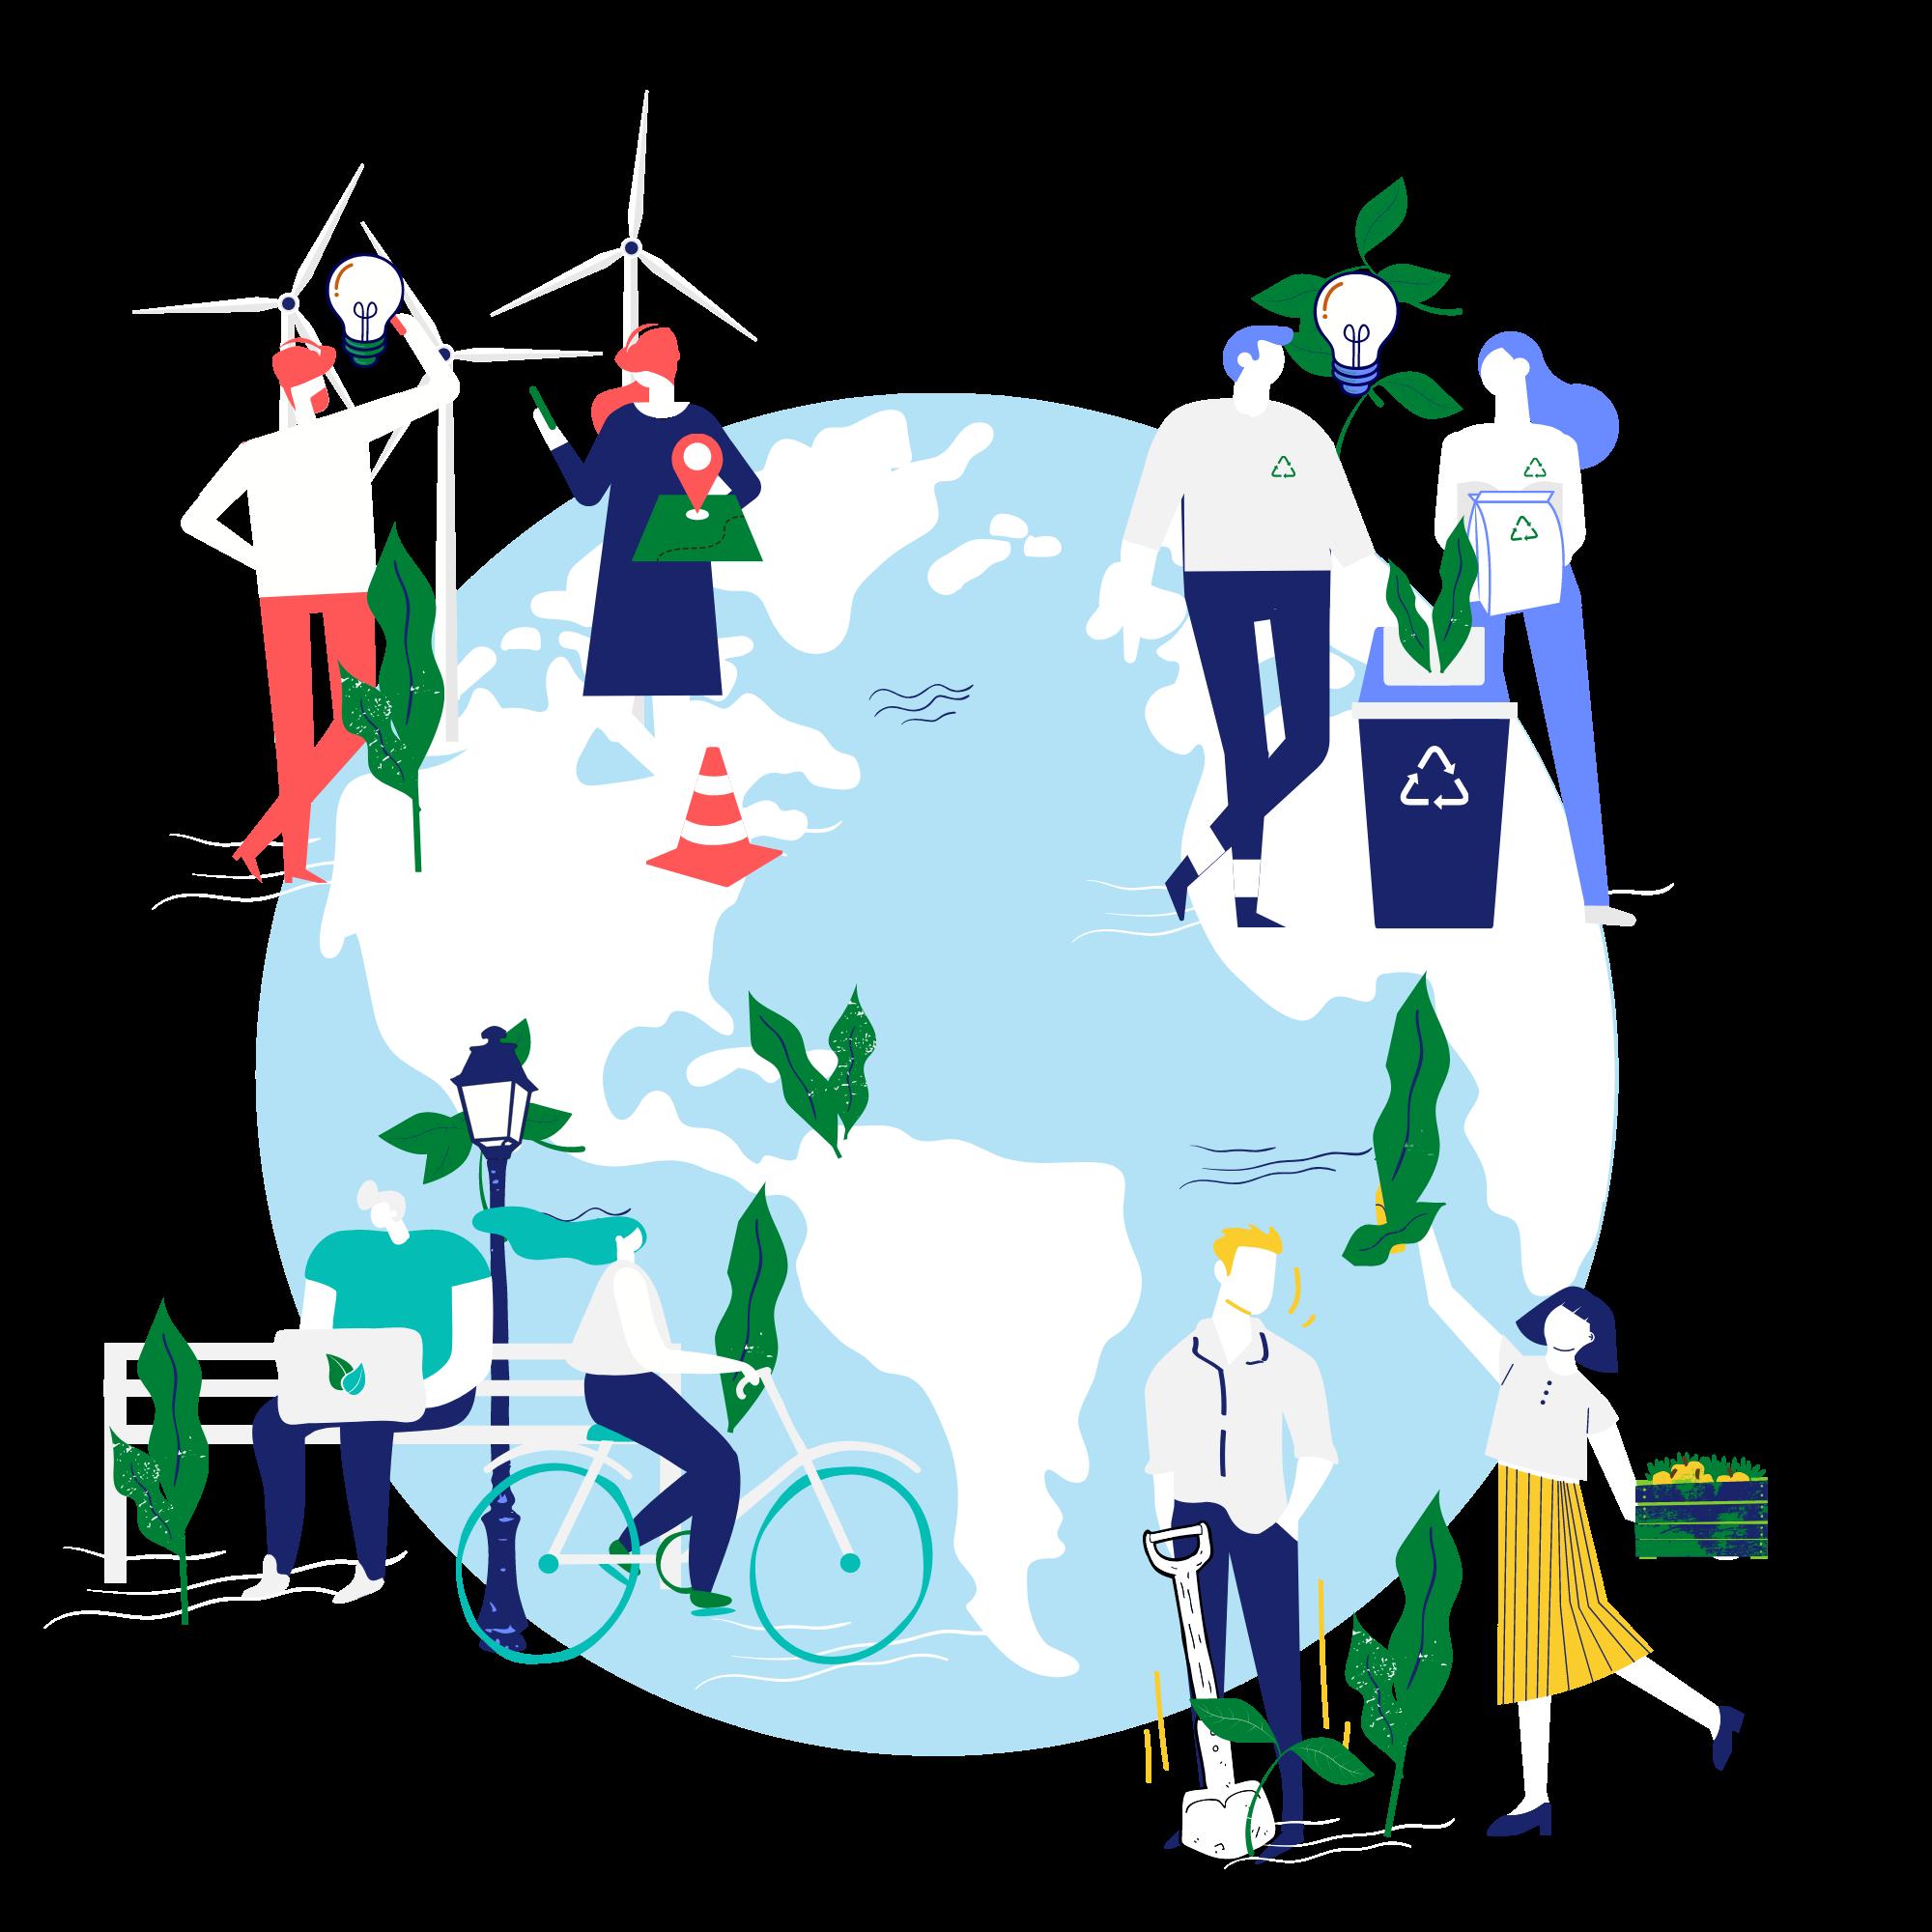 Le challenge de l'innovation durable